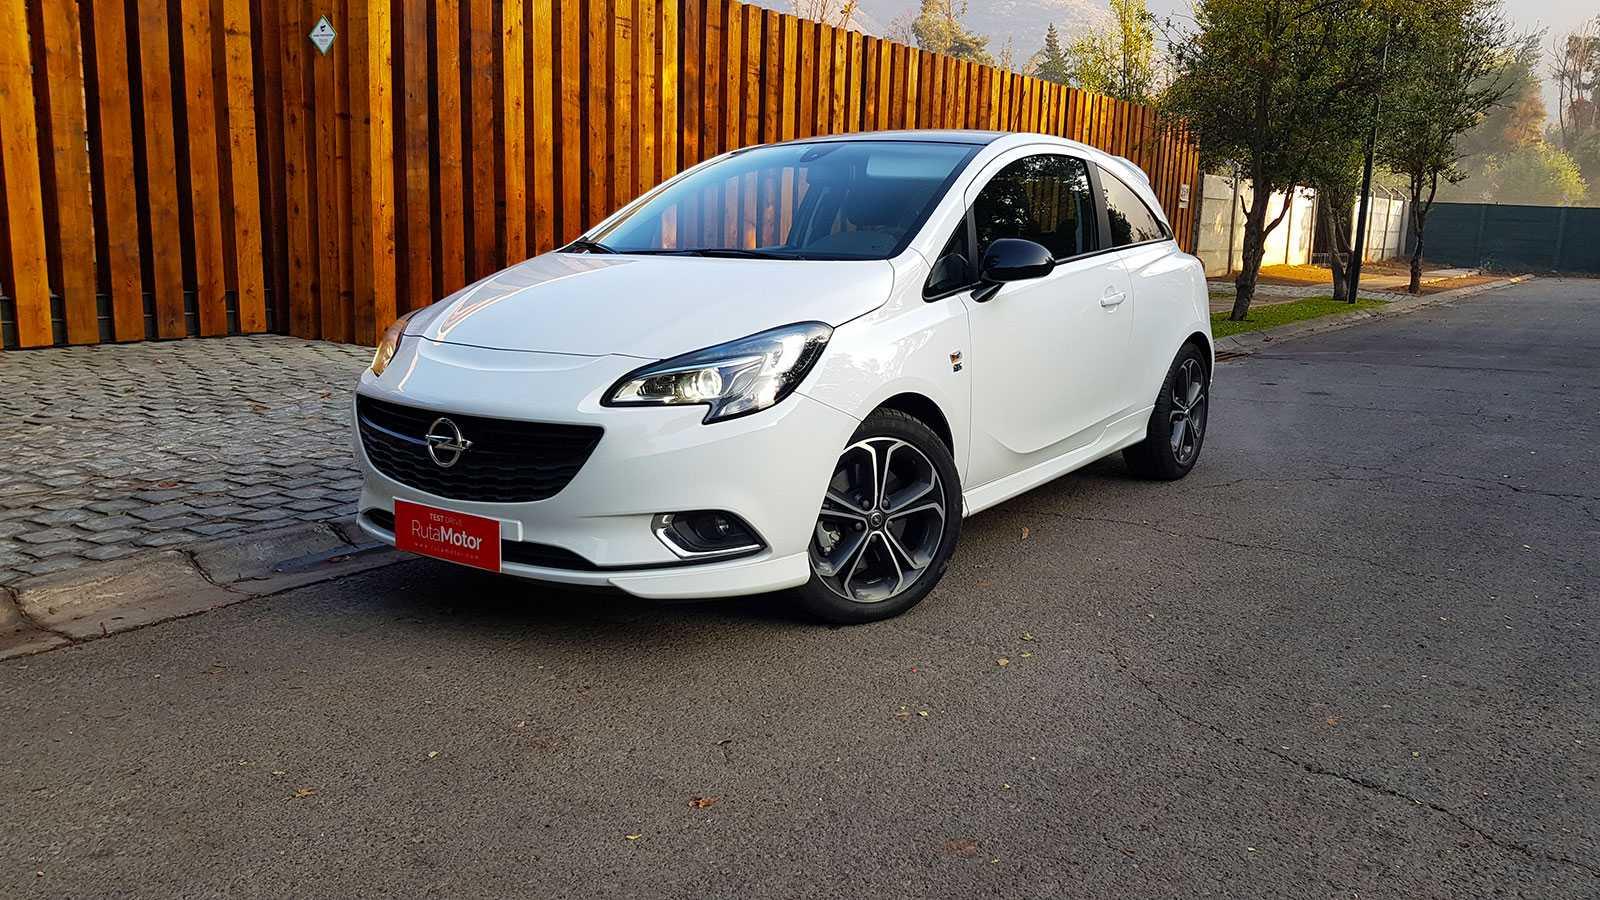 Opel Corsa 1 4t 150 Cv 6mt Opc Line 2019 El Clasico Eterno Rutamotor